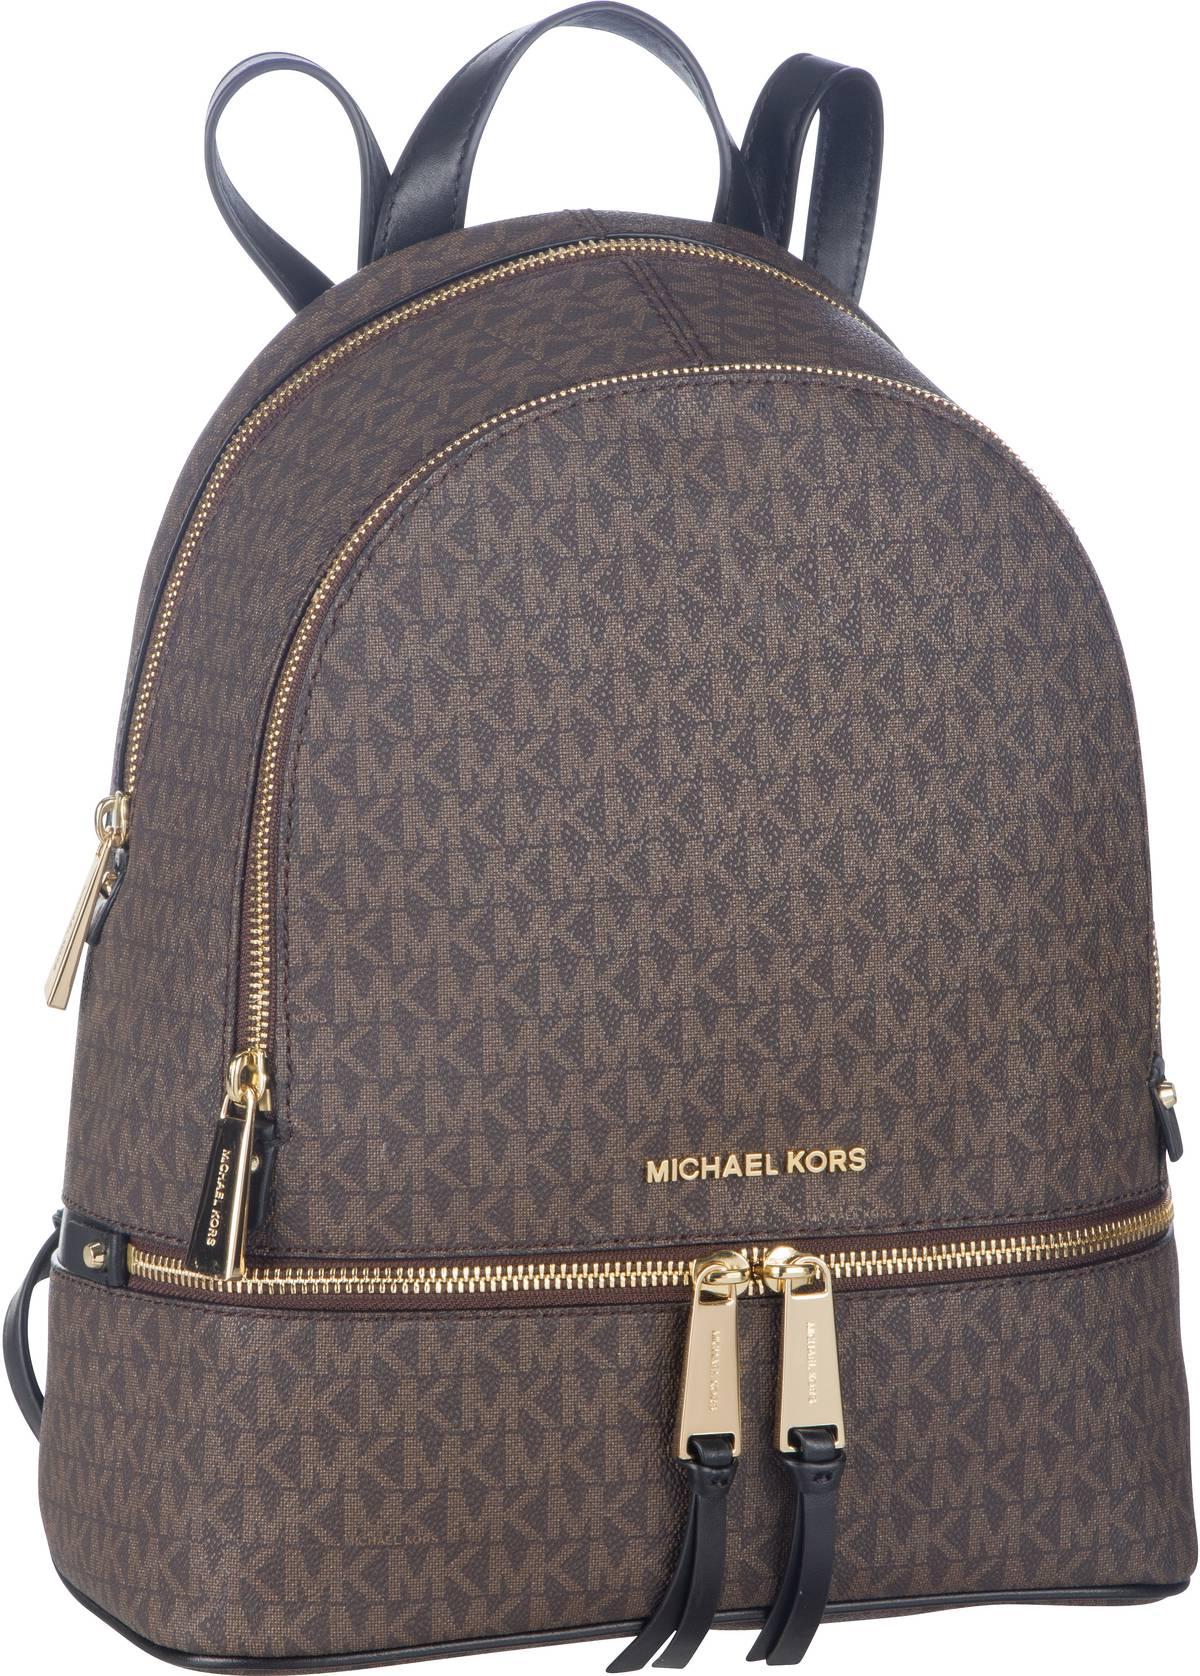 Rucksack / Daypack Rhea Zip Medium Backpack MK Signature Brown/Black